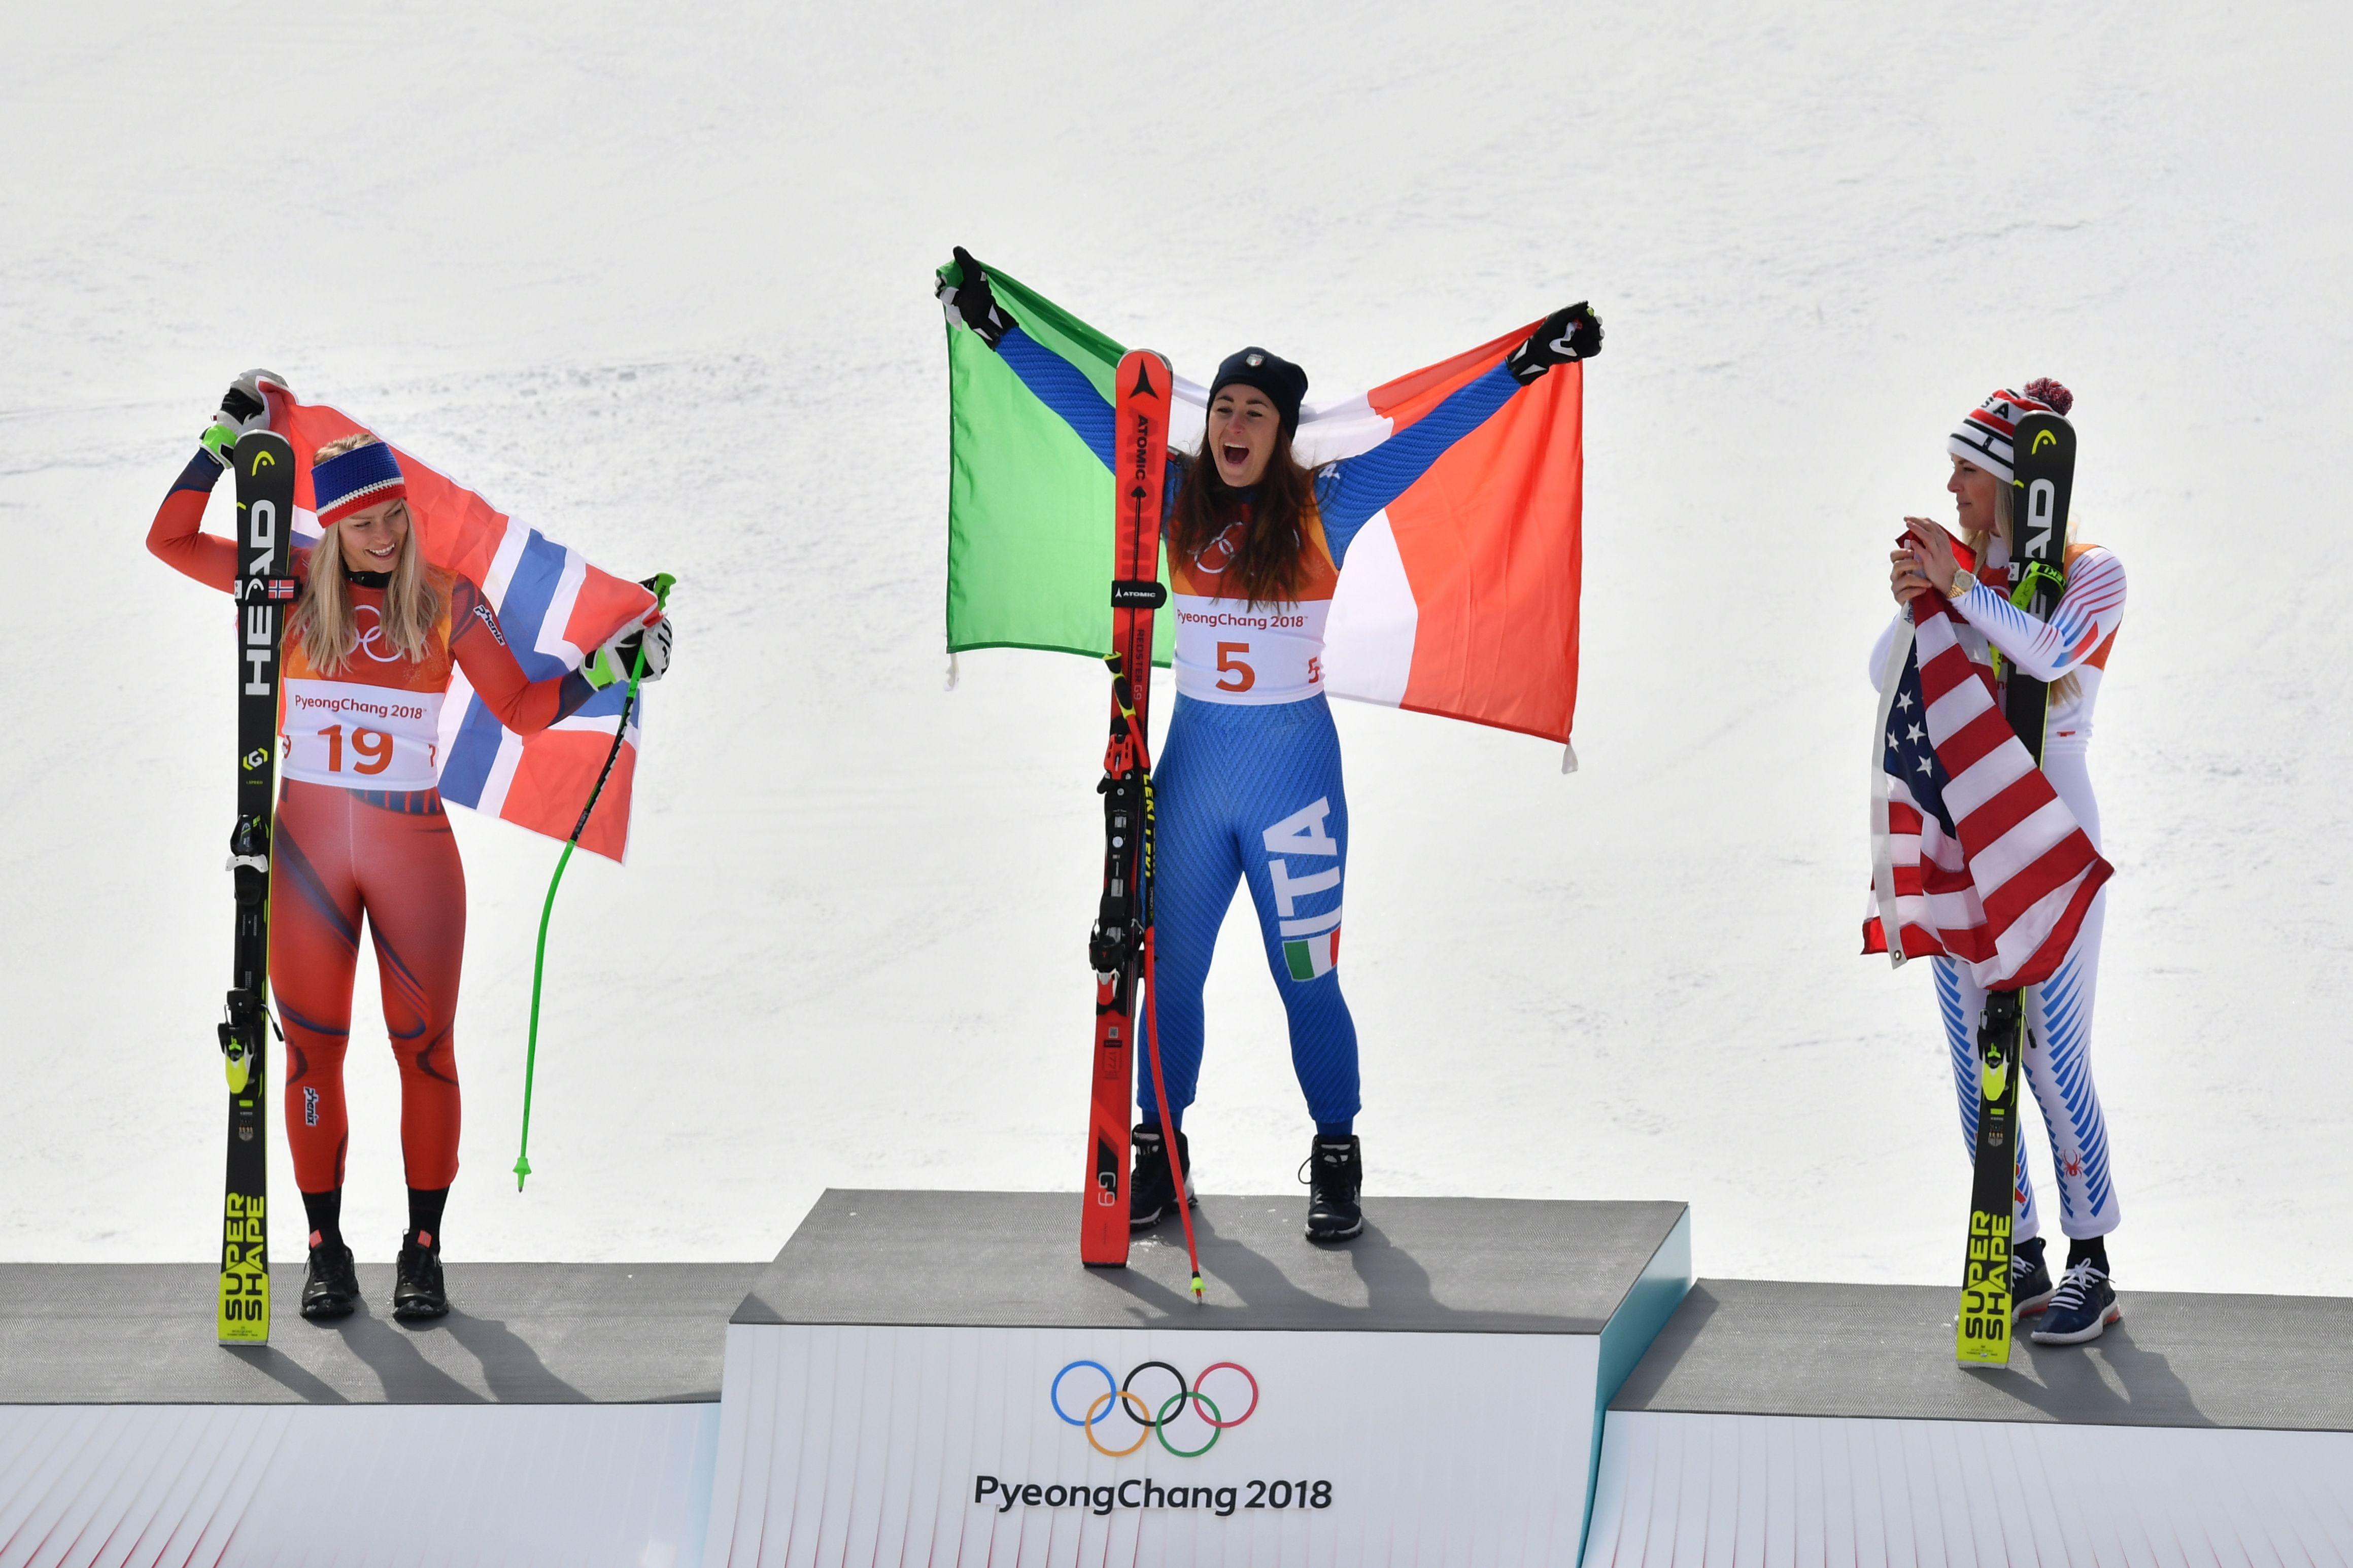 Jeux olympiques - Pyeongchang 2018 - JO 2018 : Goggia en or, épilogue en larmes et en bronze pour Vonn